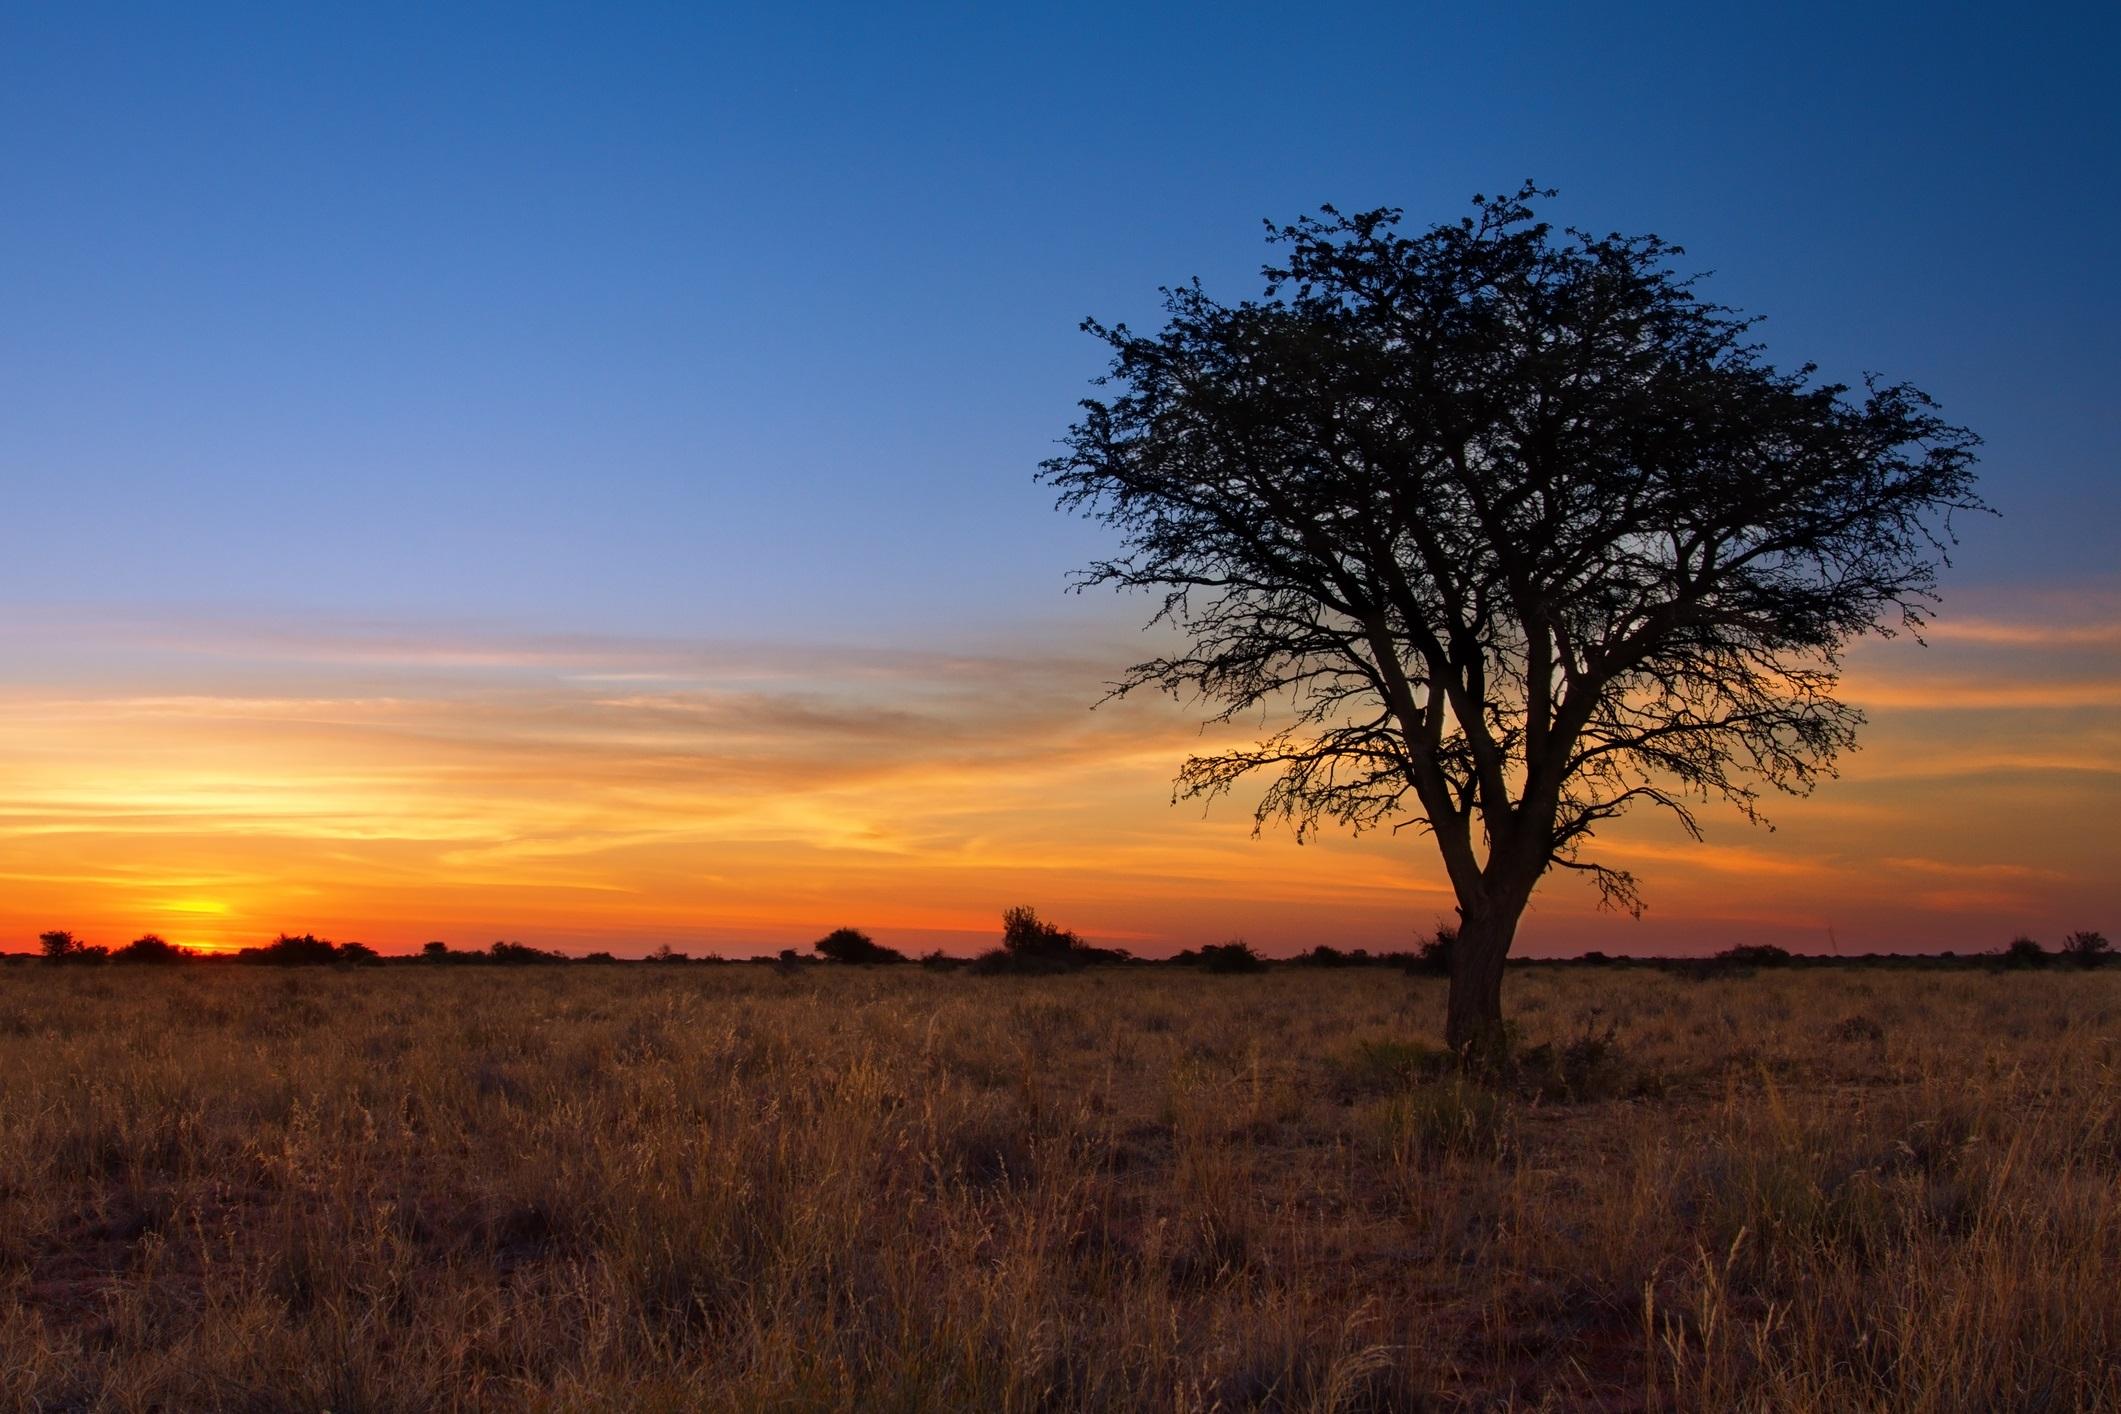 Пустинята Калахари, Ботсвана<br /> <br /> Пустинята Калахари представлява най-брутално дивата природа на Африка. Централният резерват Калахари с площ от 52 8000 квадратни километра е предизвикателство от гледна точка на достъпа заради безводието си. Това е земя на чистото приключение и срещането на стада величествен гемсбок (вид антилопа) като блещукащи миражи в Долината на измамите или къмпингуването сред гърления рев на местната лъвска гордост със сигурност ще провокира у вас усещане за привилегия.